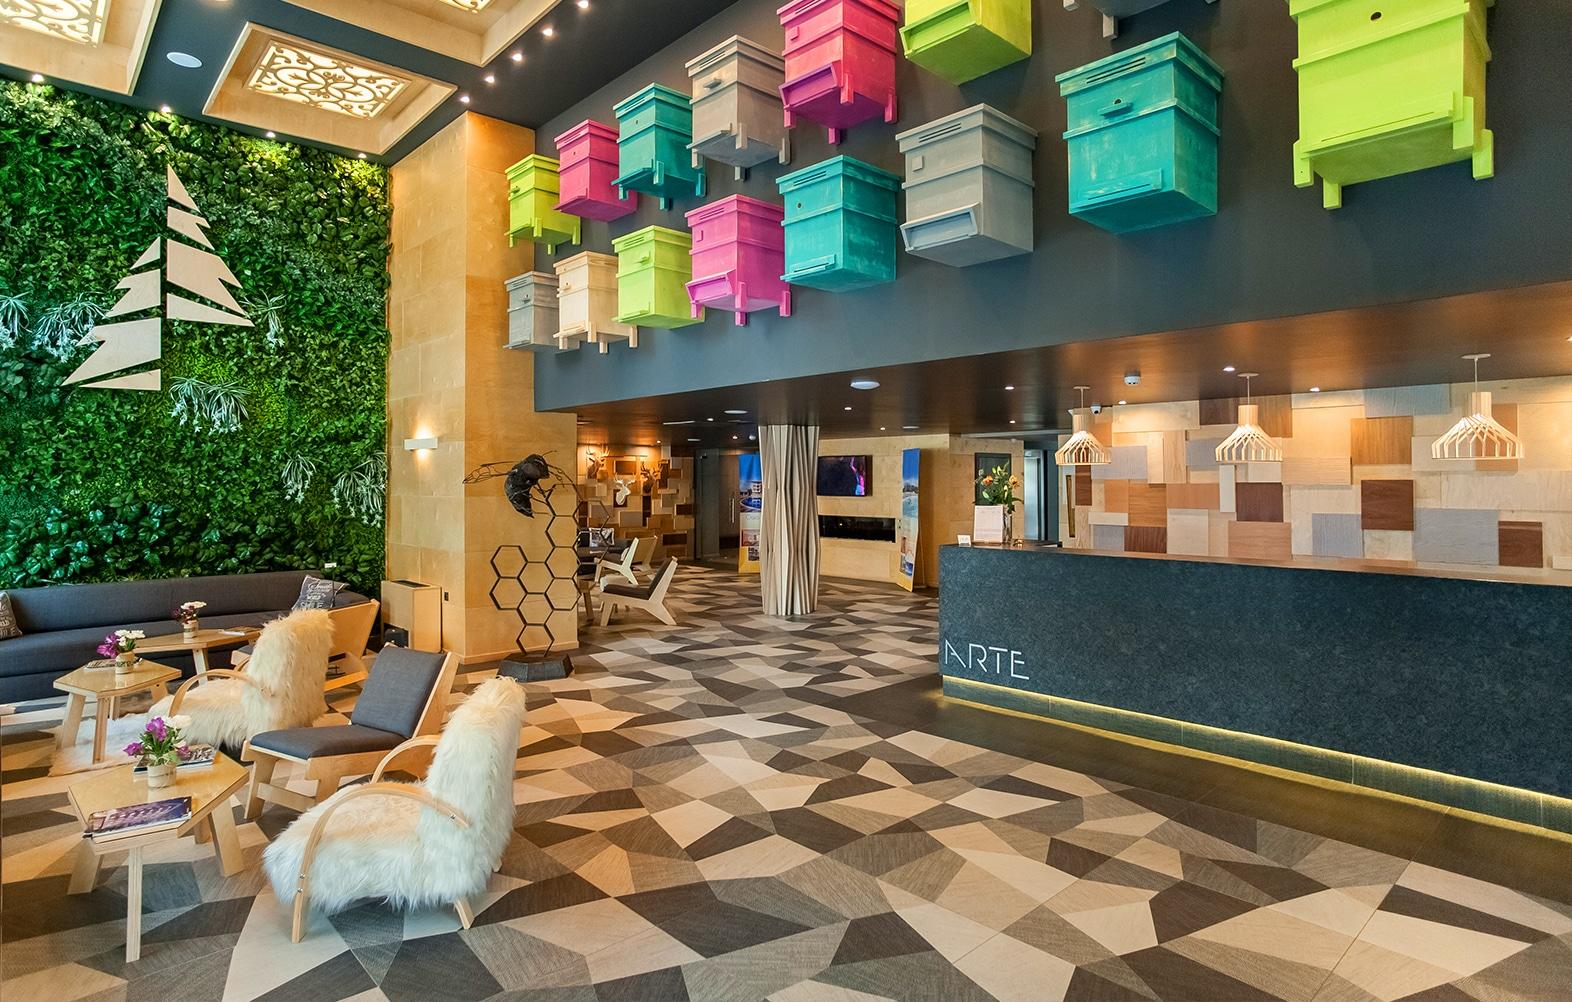 Arte Spa & Park Hotel: Най-добрият SPA хотел на Балканите!